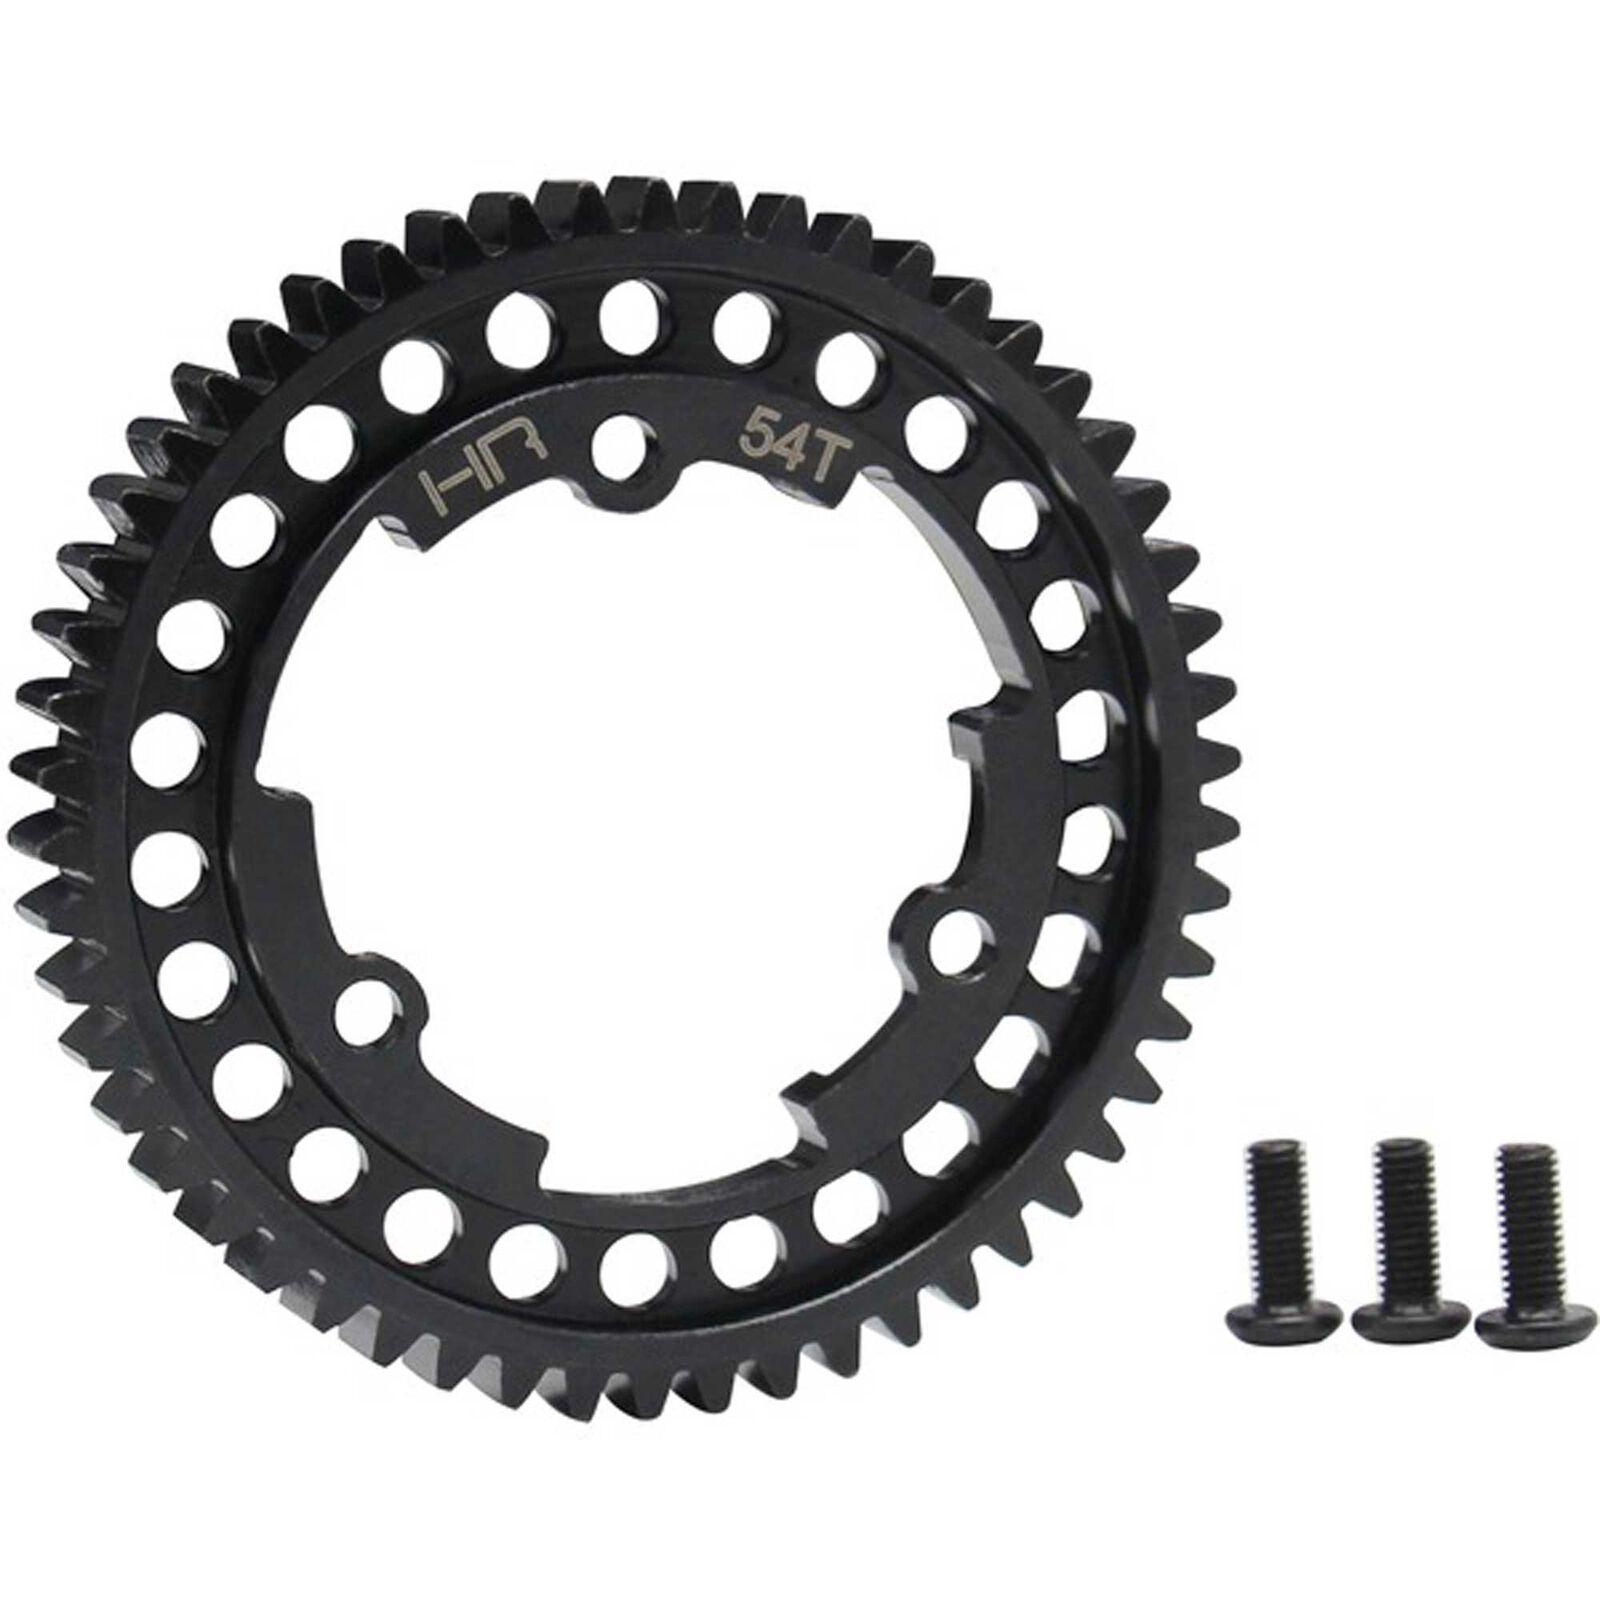 Steel Spur Gear, 54T 1 Mod: X-Maxx Xo-1